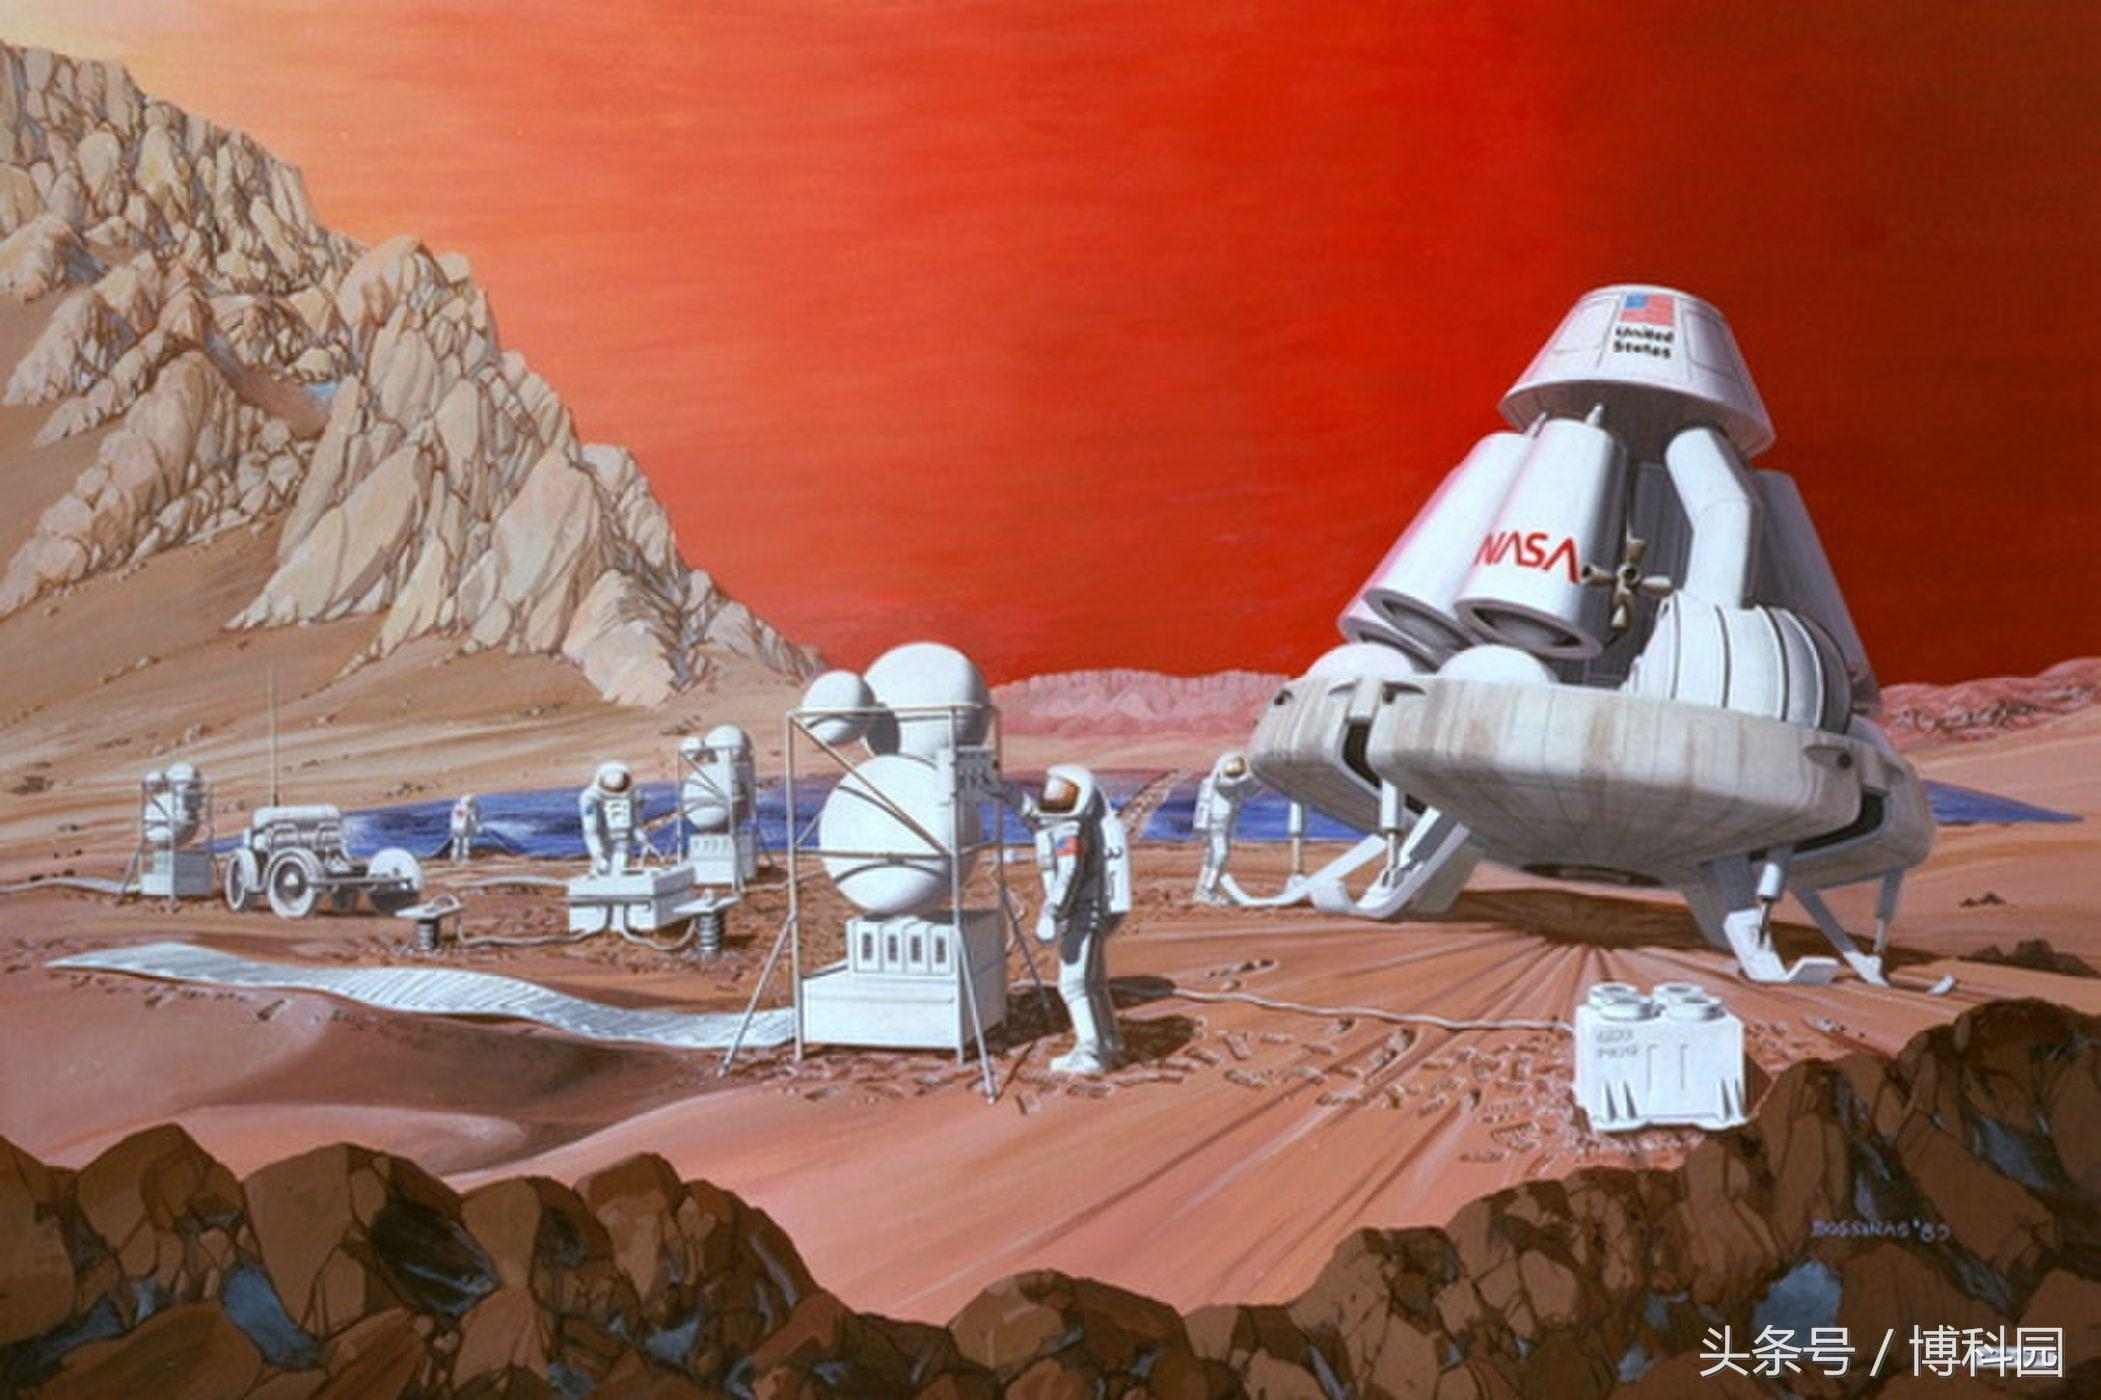 能把火星改造成地球吗?研究表明现有技术是不可能的